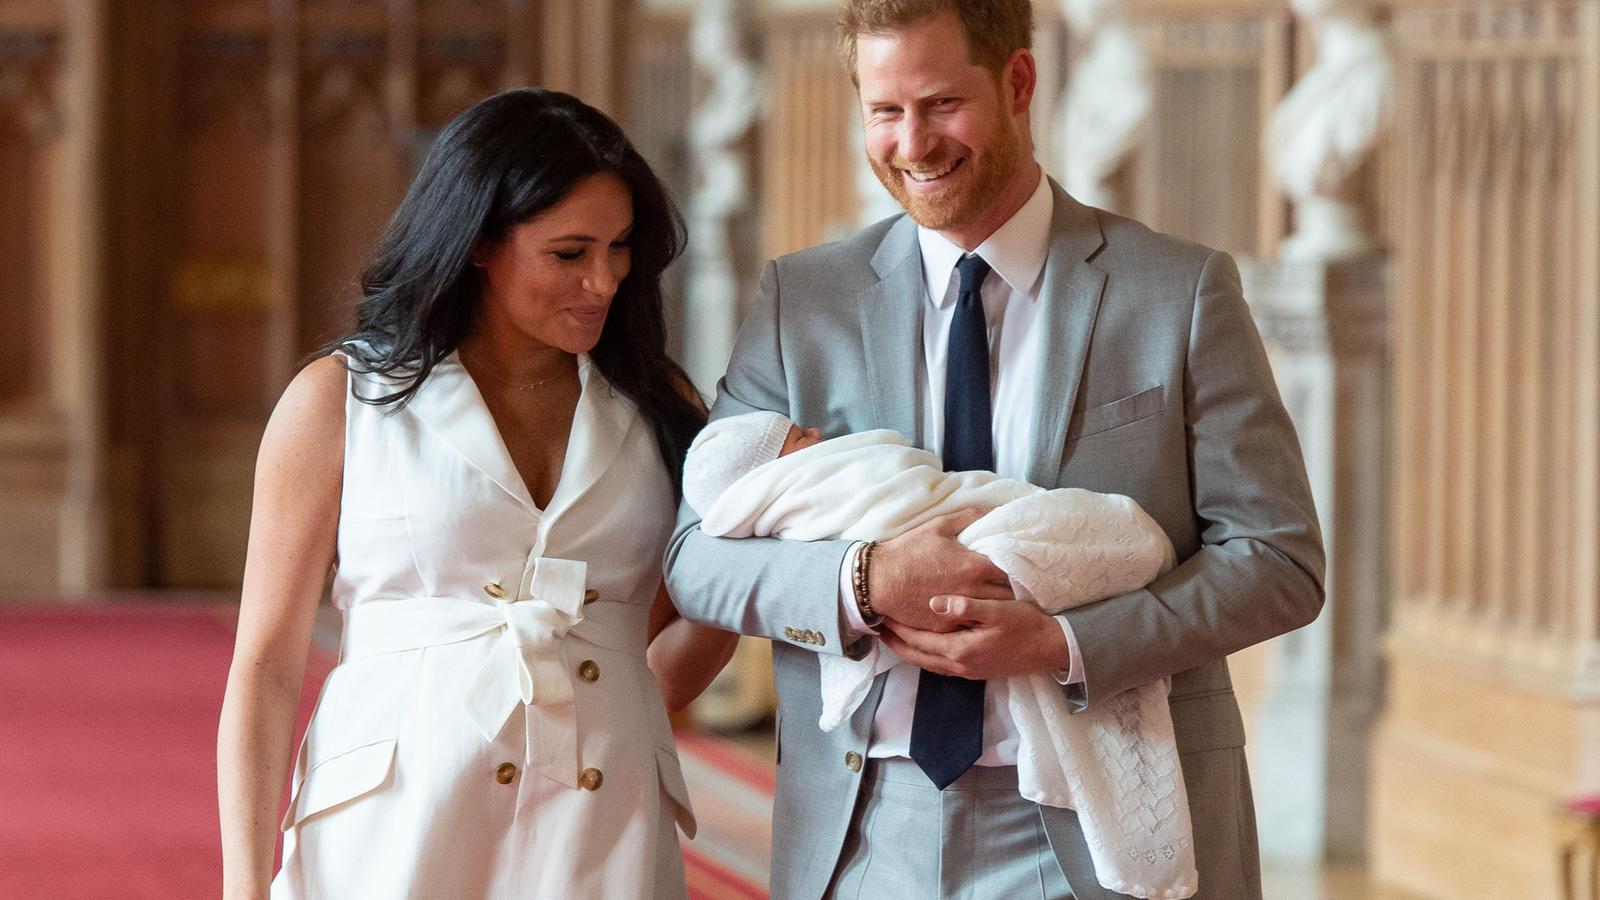 Nur zwei Tage nach der Geburt ihres ersten Söhnchens zeigt sich Meghan an der Seite ihres Mannes Prinz Harry in luftigem Blusenkleid. Deutlich zu erkennen: Ihr noch vorhandenes Babybäuchlein.